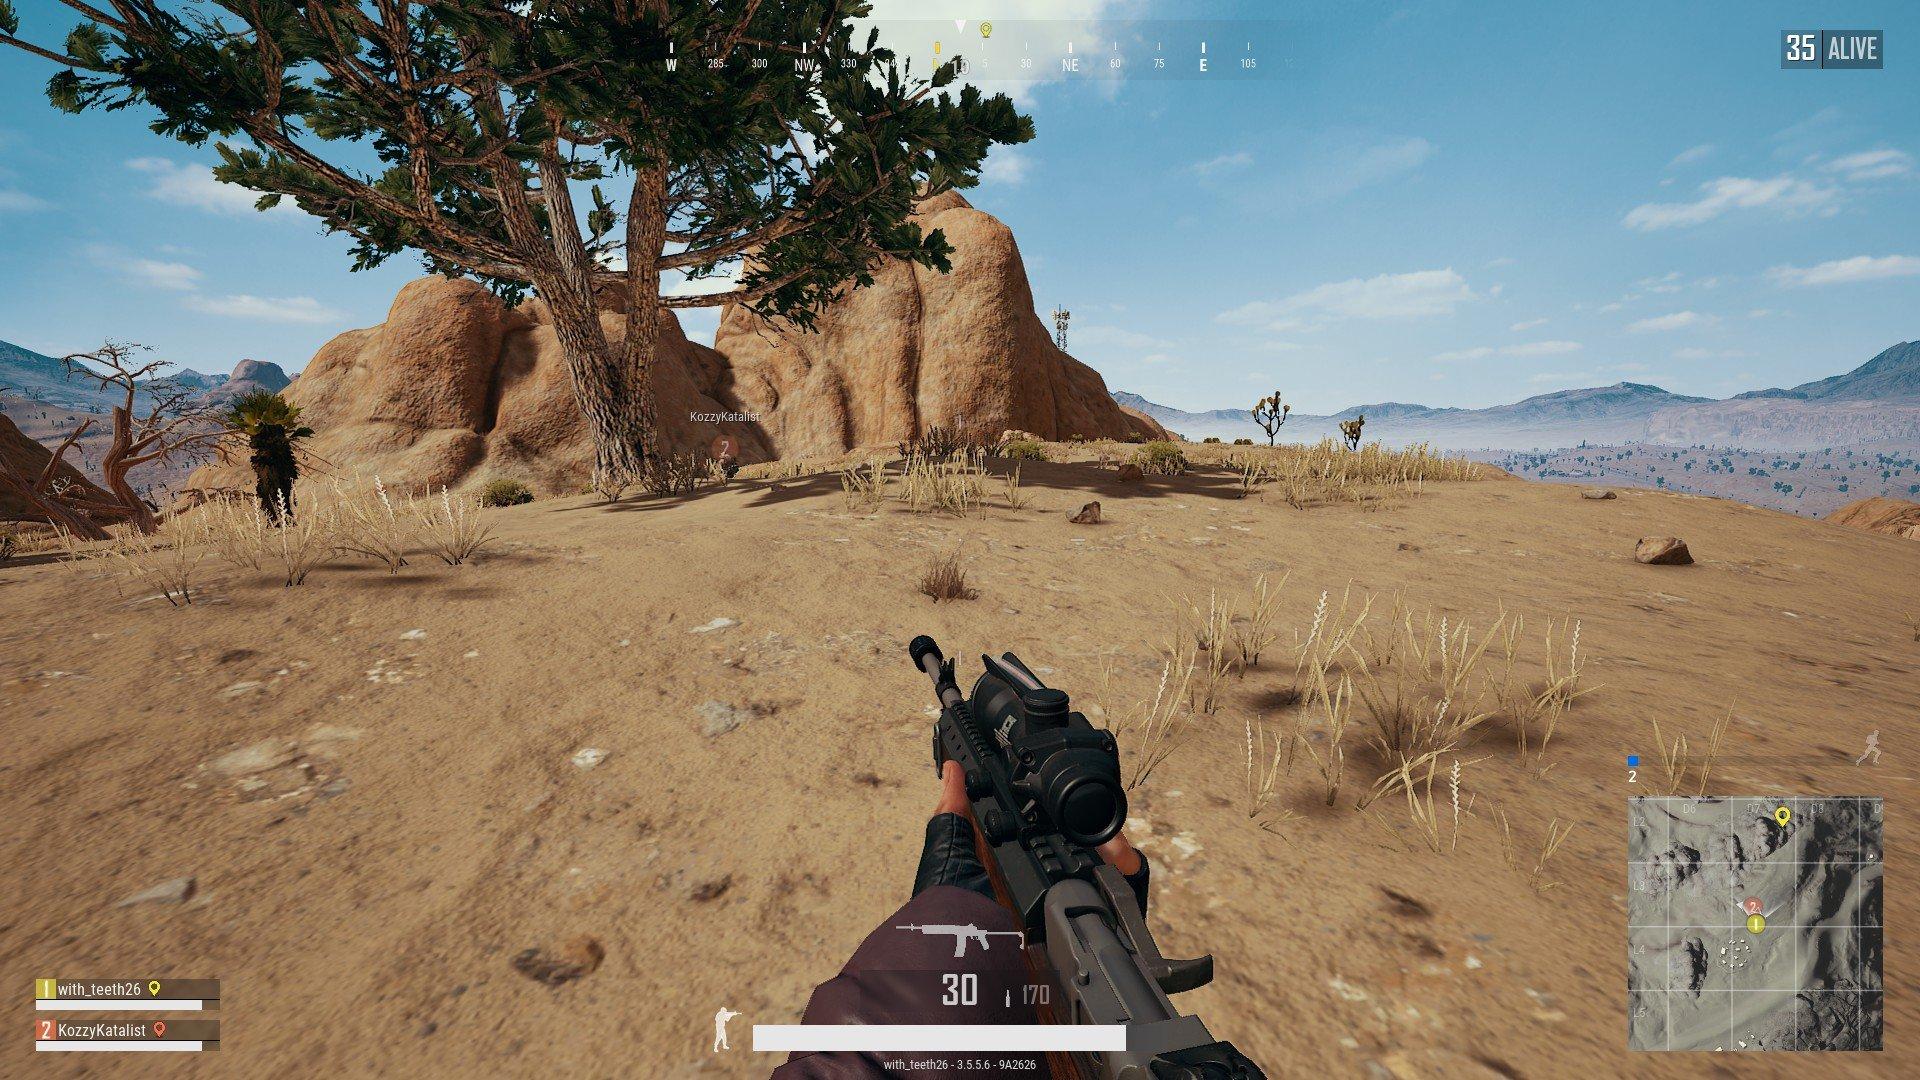 Pubg Parachute Wallpaper Playerunknown S Battlegrounds Pc Screenshots Image